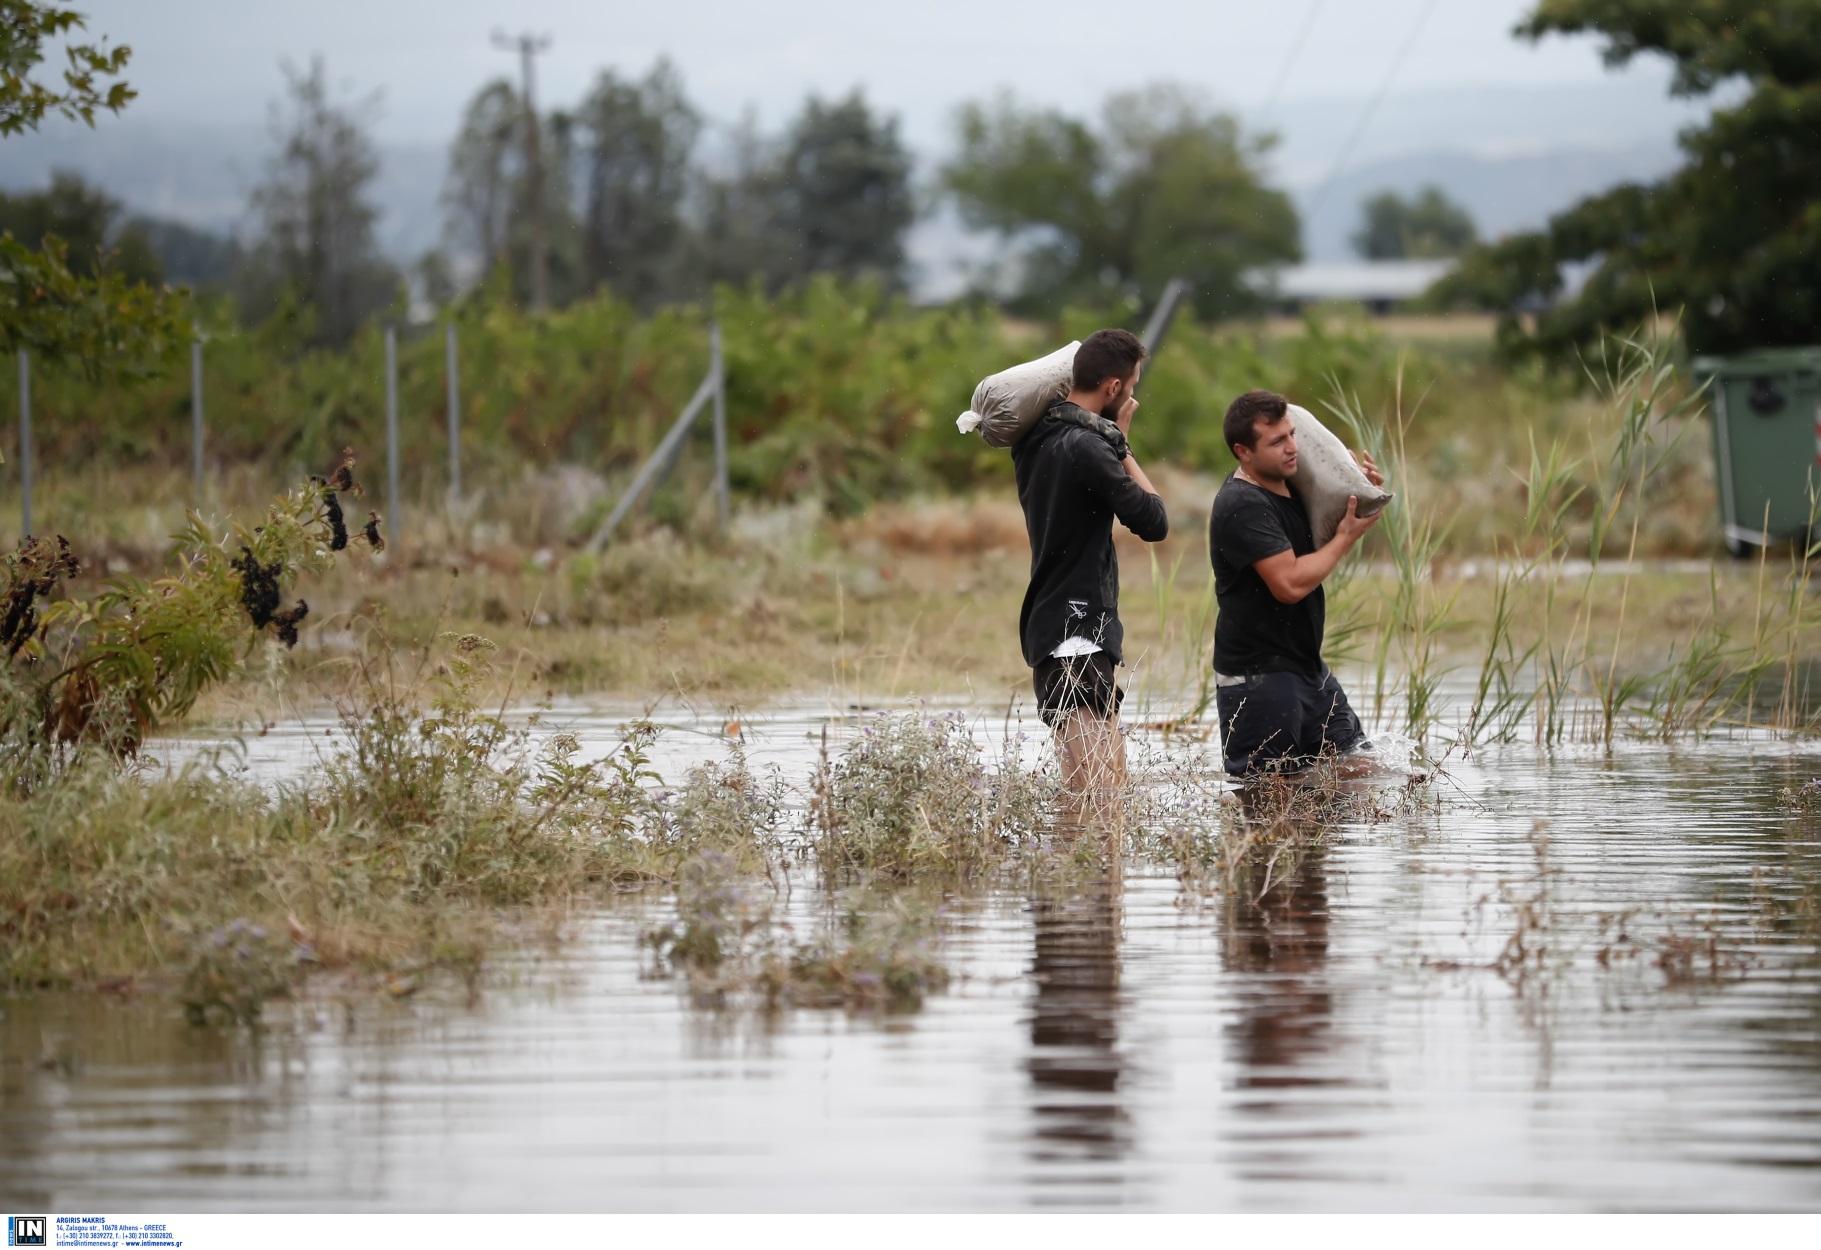 """Λαγκαδάς: Σε απόγνωση αγρότες και κτηνοτρόφοι από την επέλαση της """"Θάλειας"""" (pics)"""